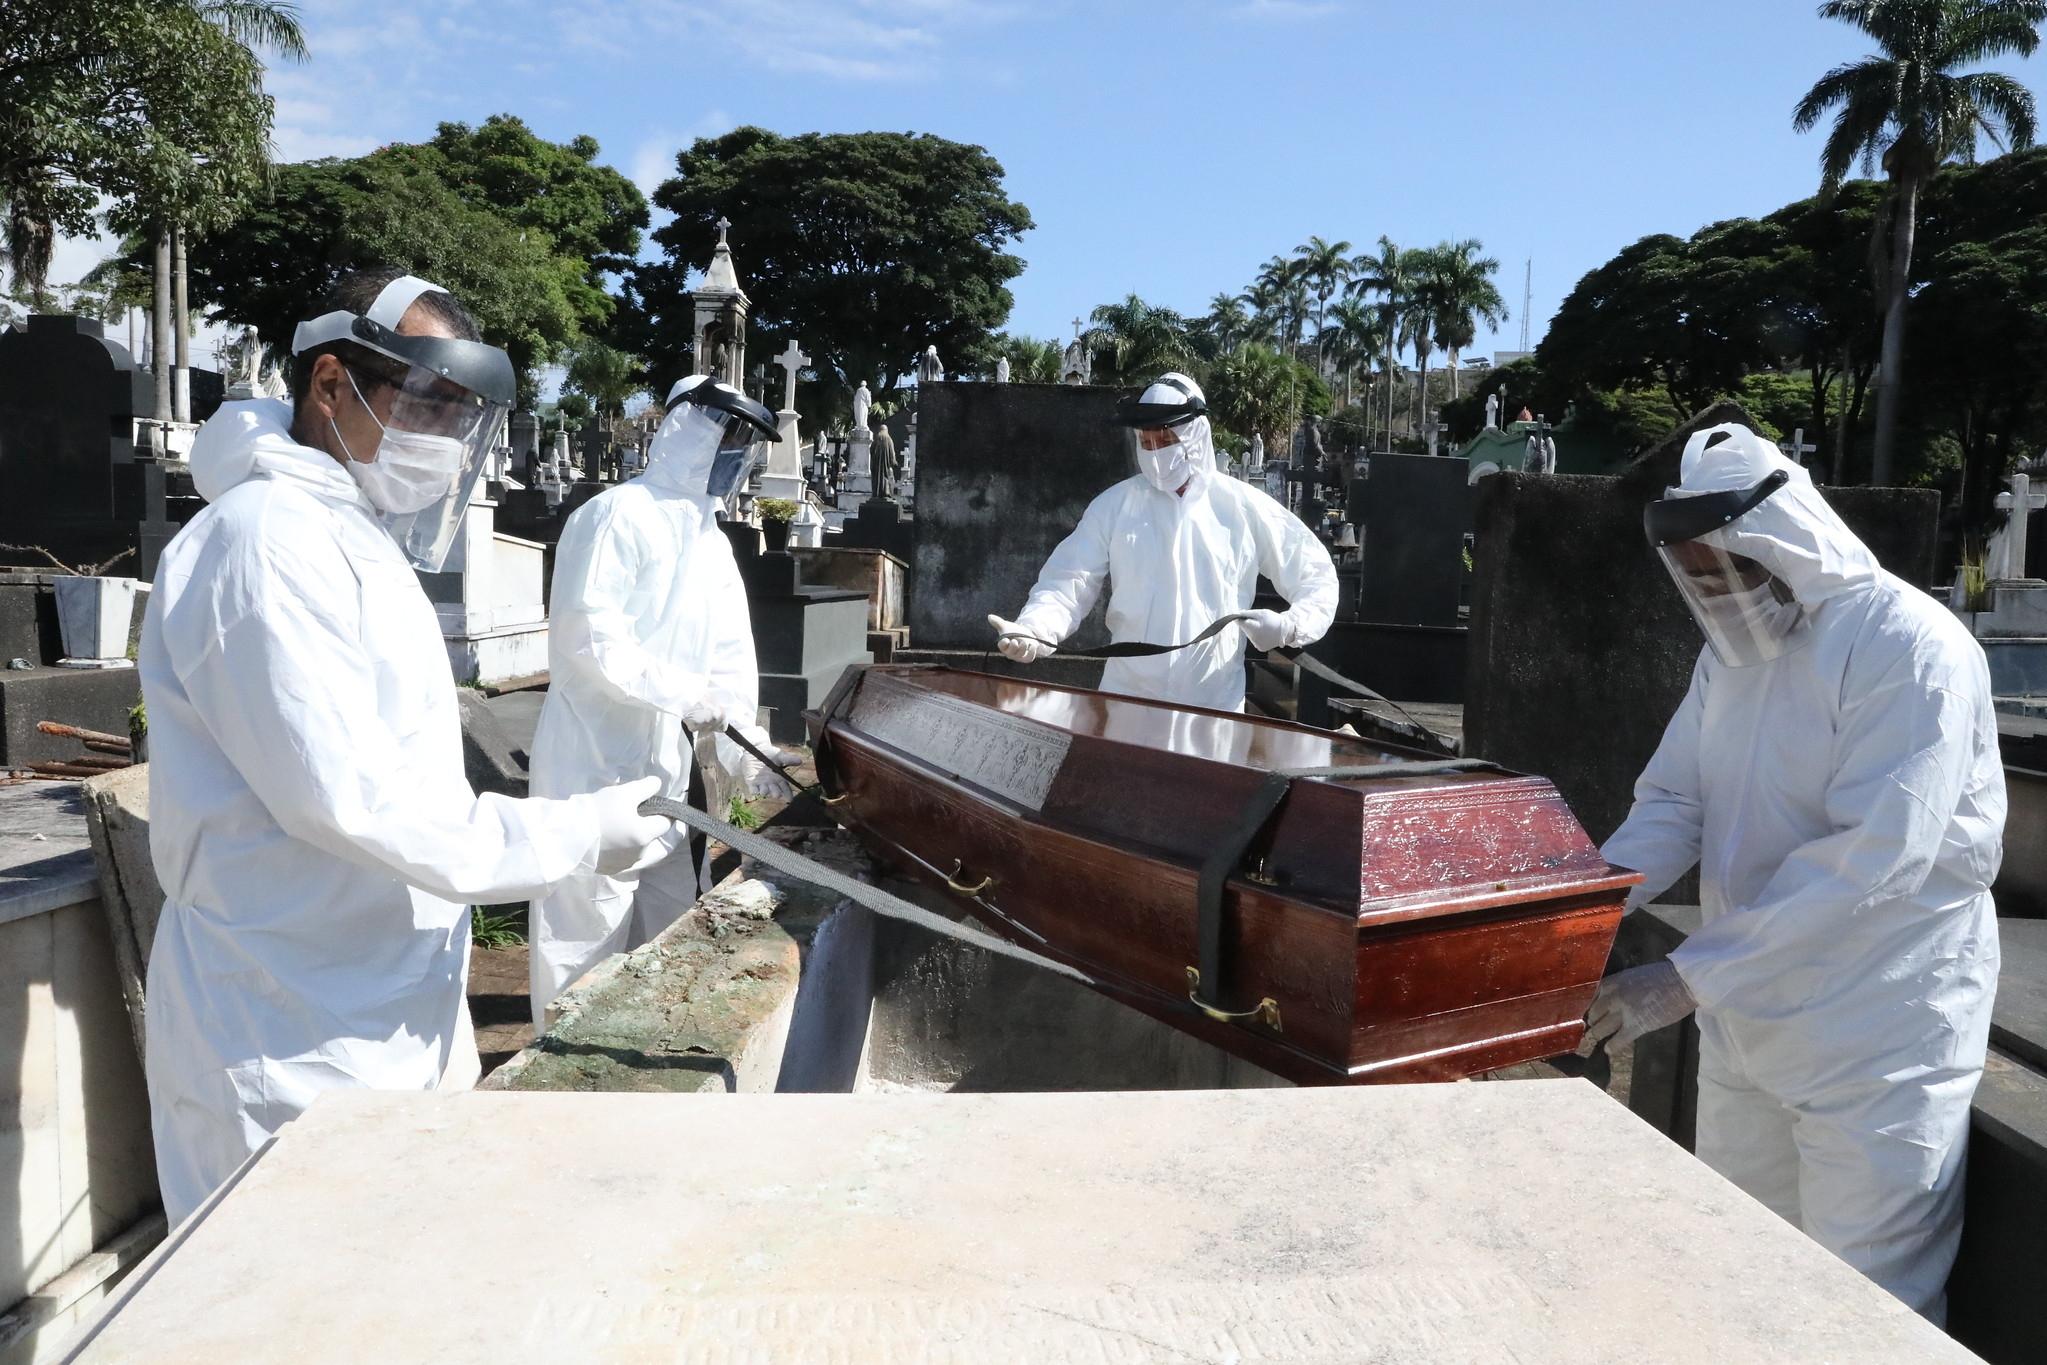 Coveiros enterram vítima de Covid-19 em Belo Horizonte